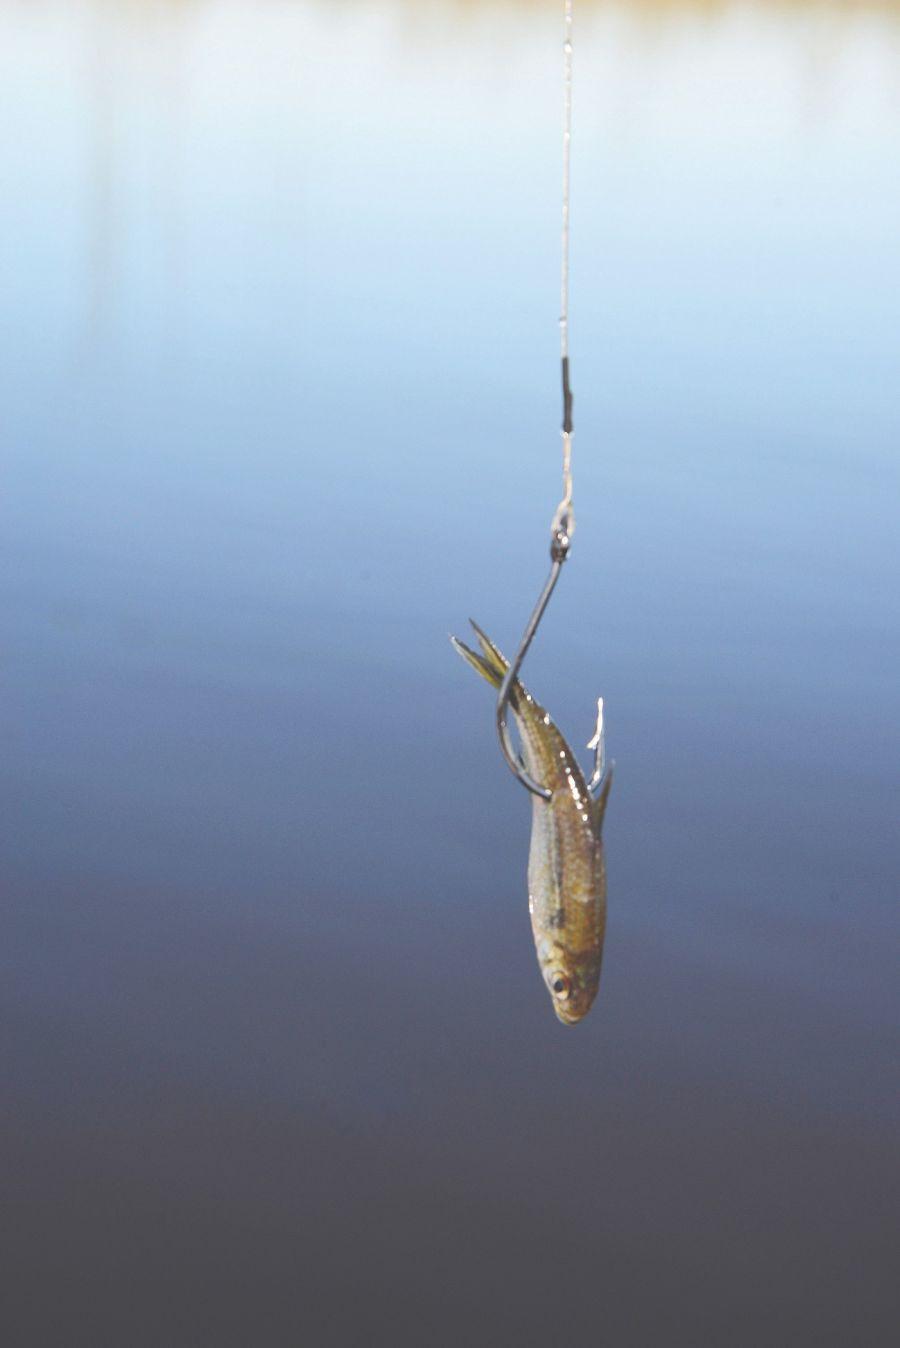 0125_12 lagunas para pescar en verano